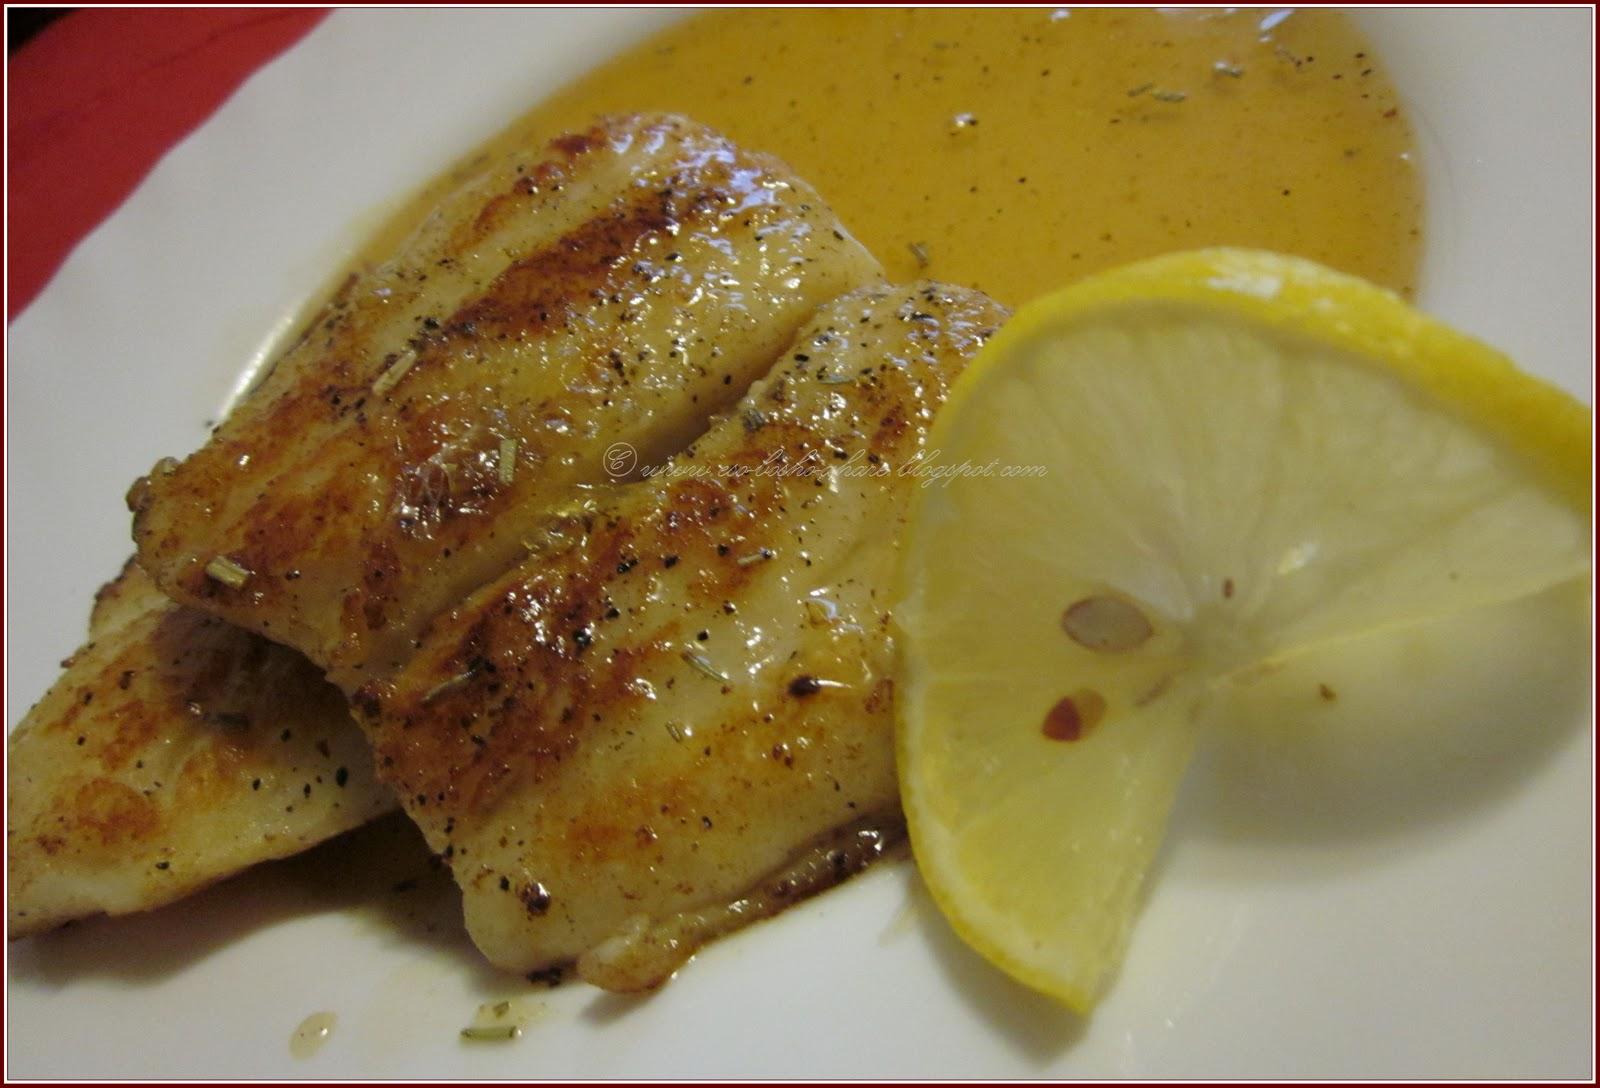 Taste buds honey lemon fish for 99 5 the fish